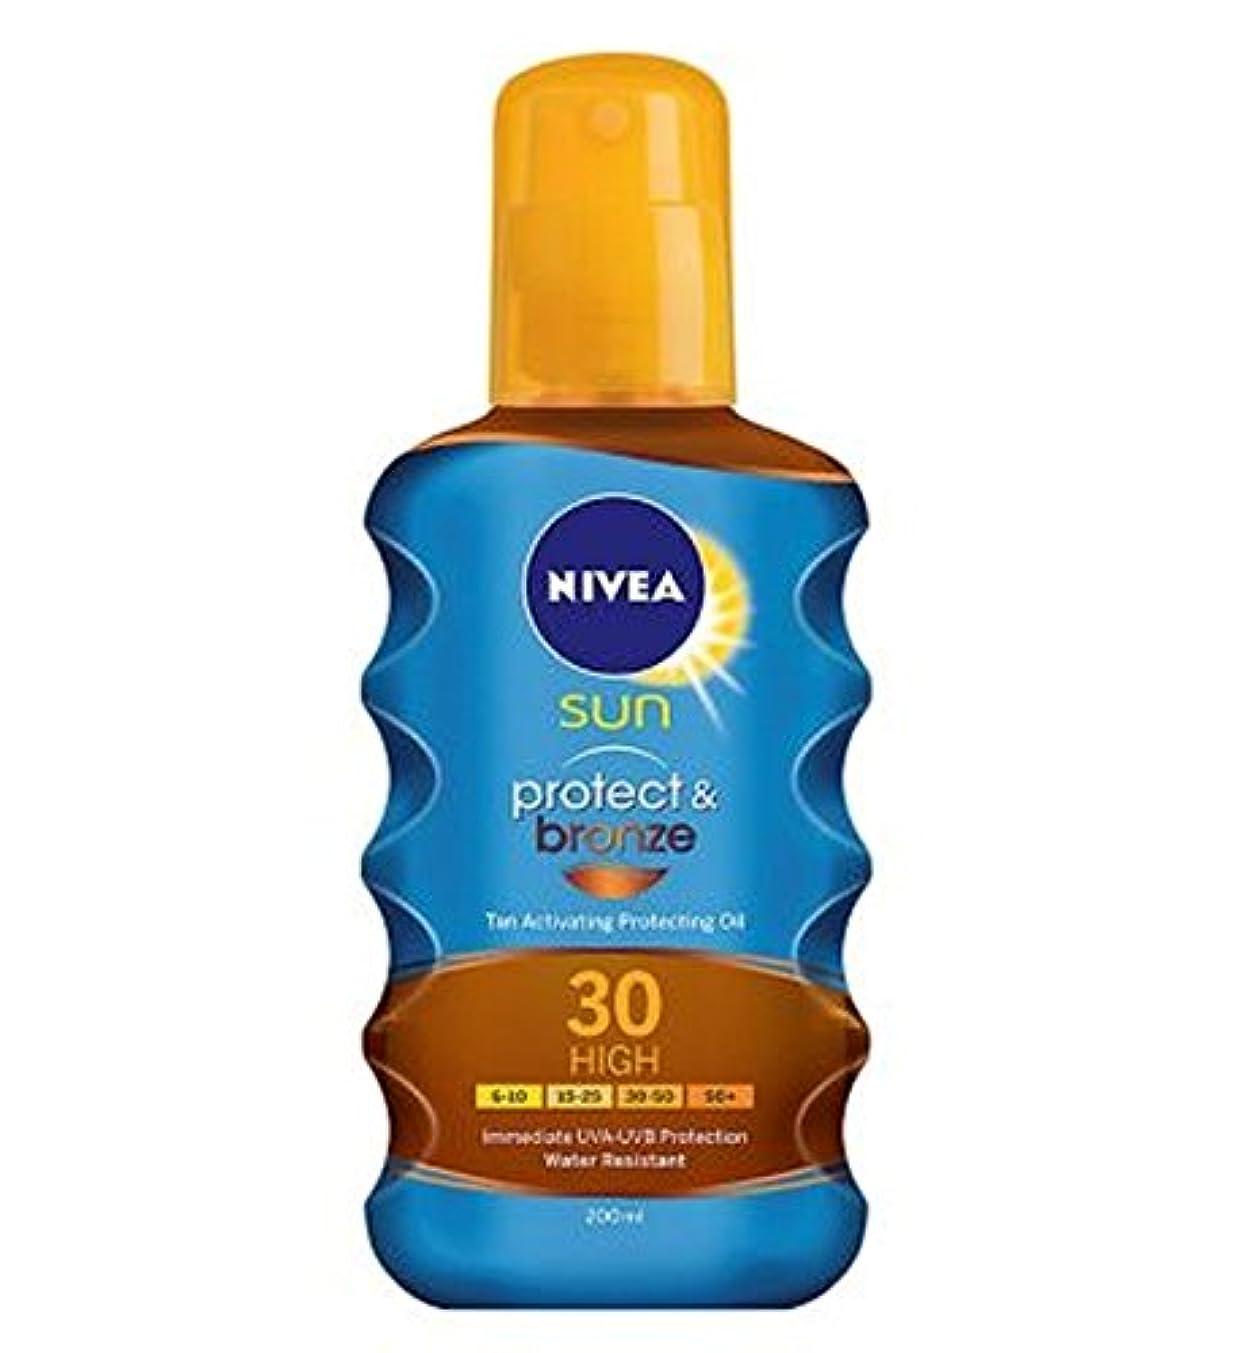 中央自分のために考えるニベアの日は、保護し、オイルSpf 30 200ミリリットルを保護ブロンズ日焼け活性化 (Nivea) (x2) - Nivea Sun protect and bronze tan activating protecting oil spf 30 200ml (Pack of 2) [並行輸入品]